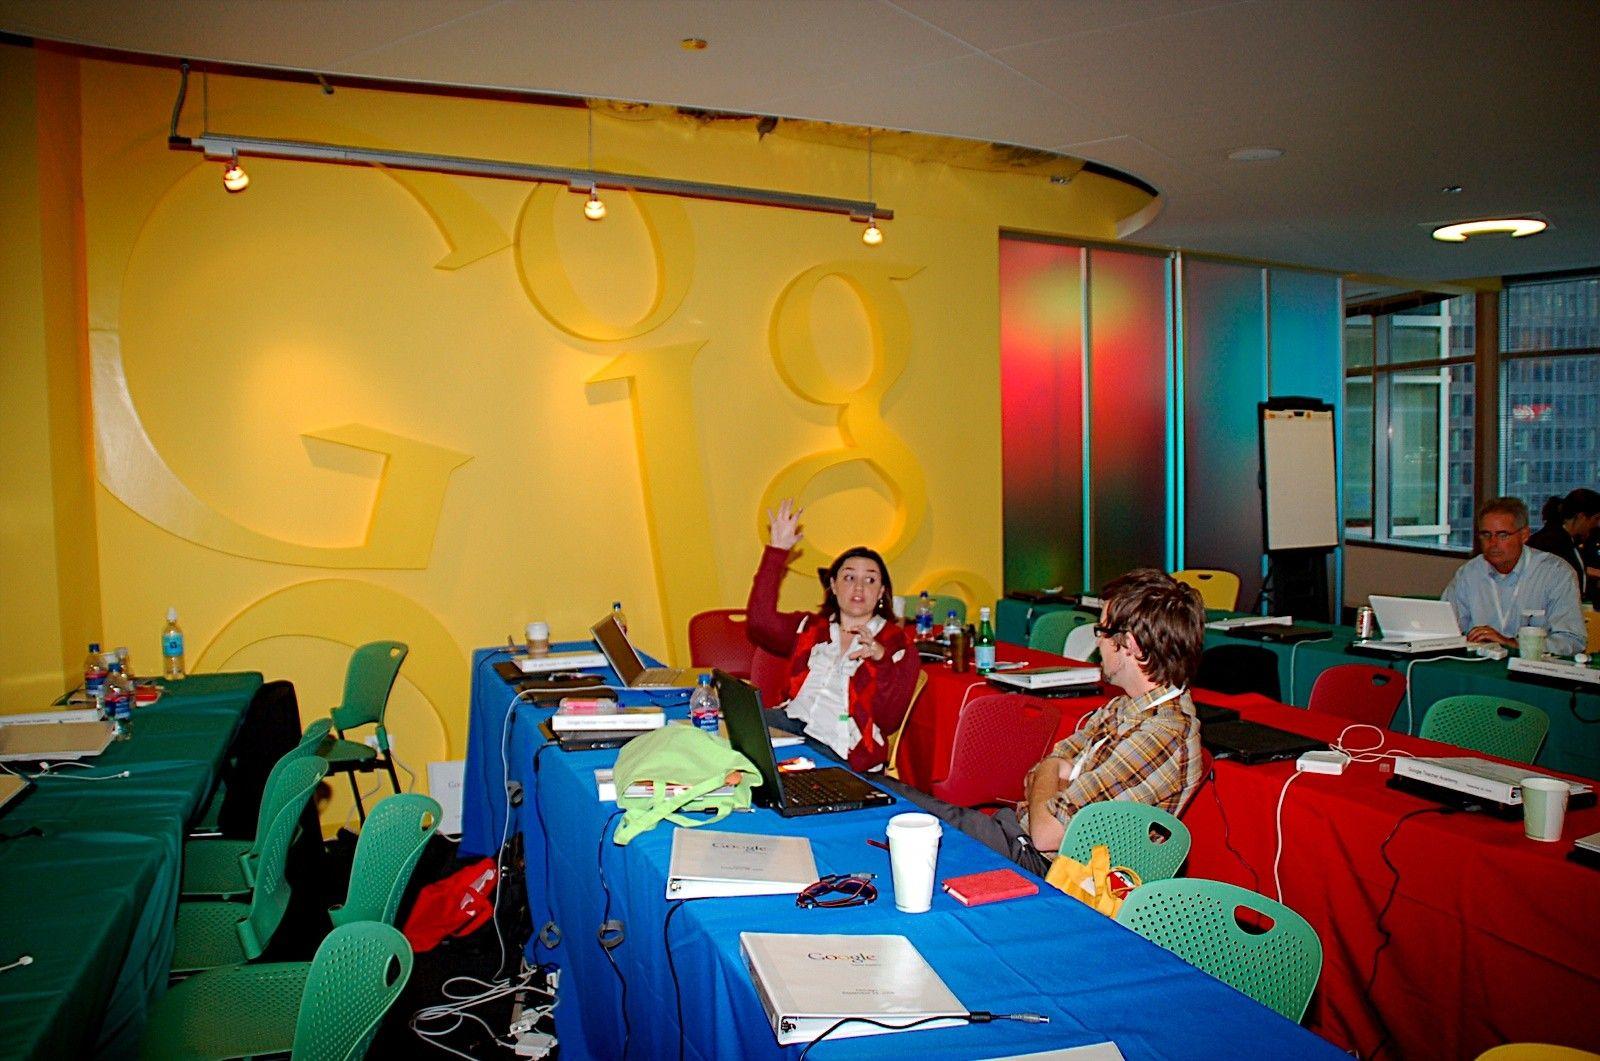 Google Room Design Google Conference Room  Learning Room  Pinterest  Conference